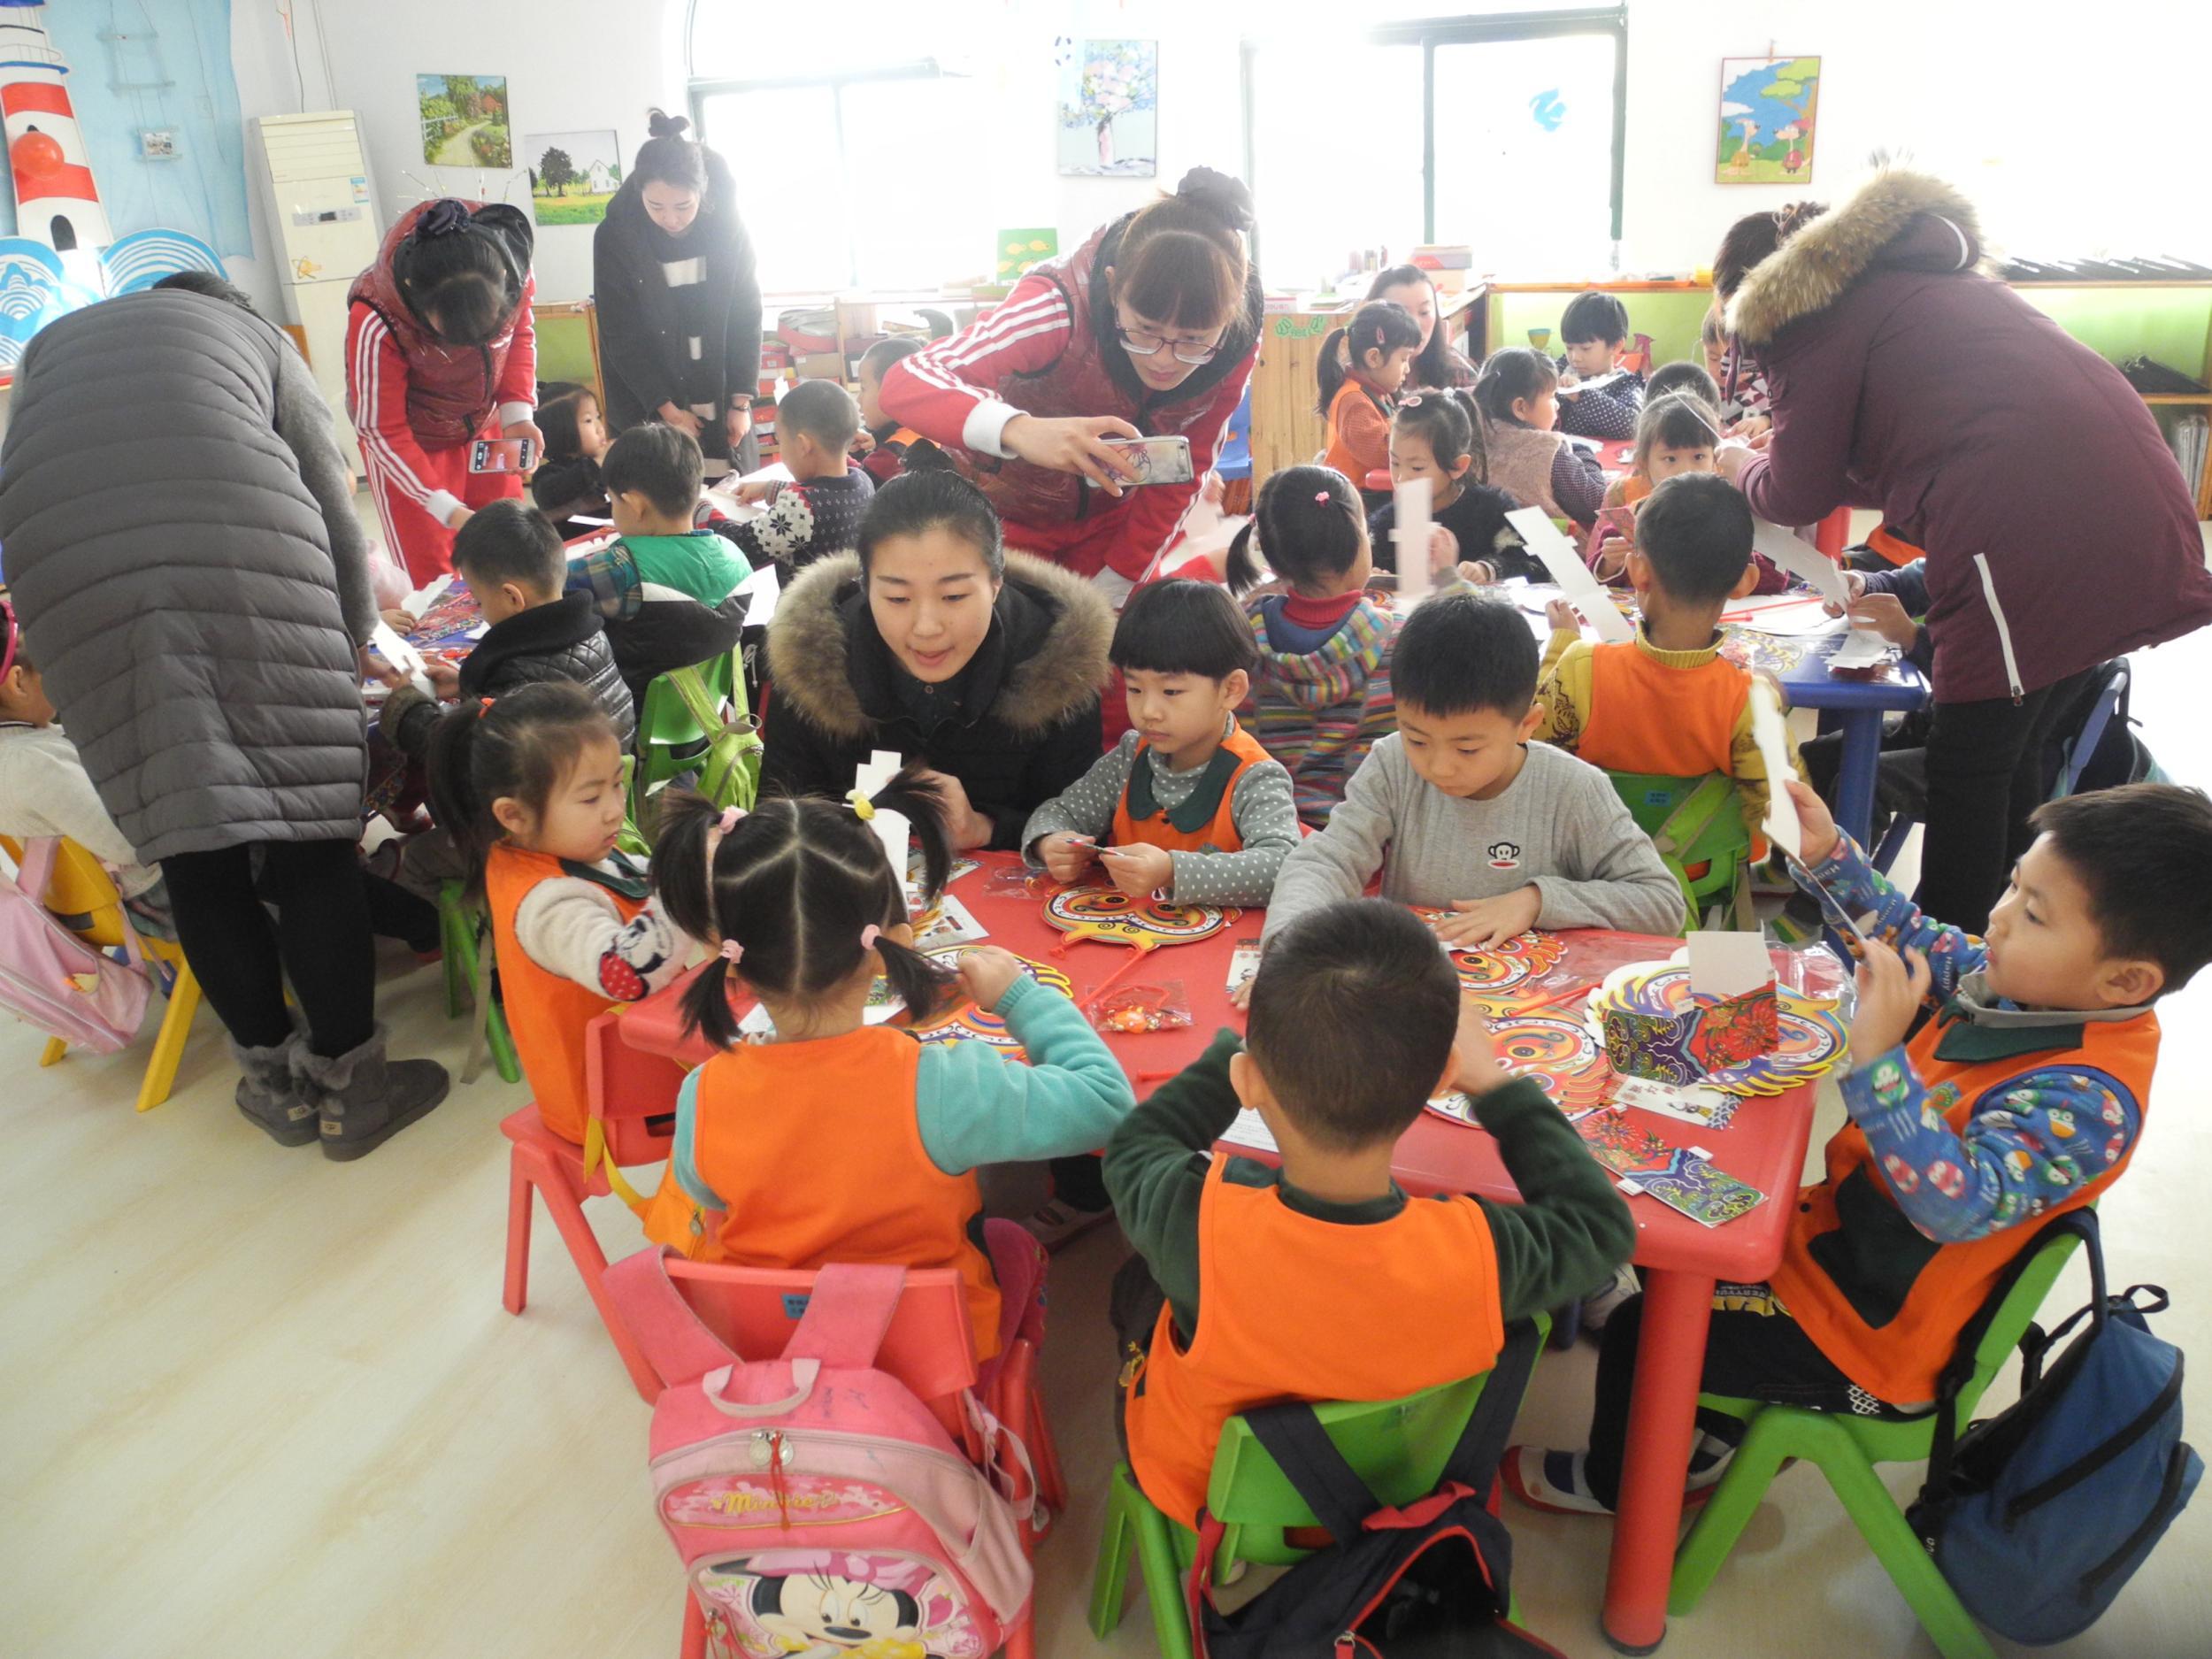 """2月2日上午,以""""猴宝宝进校园""""为主题的灯笼制作活动在阳光富景幼儿园拉开帷幕,市博物馆的工作人员为孩子们详细地介绍了制作灯笼的方法。孩子们每人挑选了自己喜爱的猴子灯笼后就迫不及待地开始制作了。在老师的精心组织和指导下,一个小时左右的时间,一盏盏猴宝宝灯笼终于成型了,将灯放入灯笼内,在各种颜色灯光的照射下,猴宝宝看起来唯妙唯俏。   本次活动让孩子充分感受我国传统节日的气氛,传承中国传统文化,从中提高幼儿动手操作能力和艺术创造能力。也为了迎接猴年,给孩子们营造一个充满节日气氛的环"""